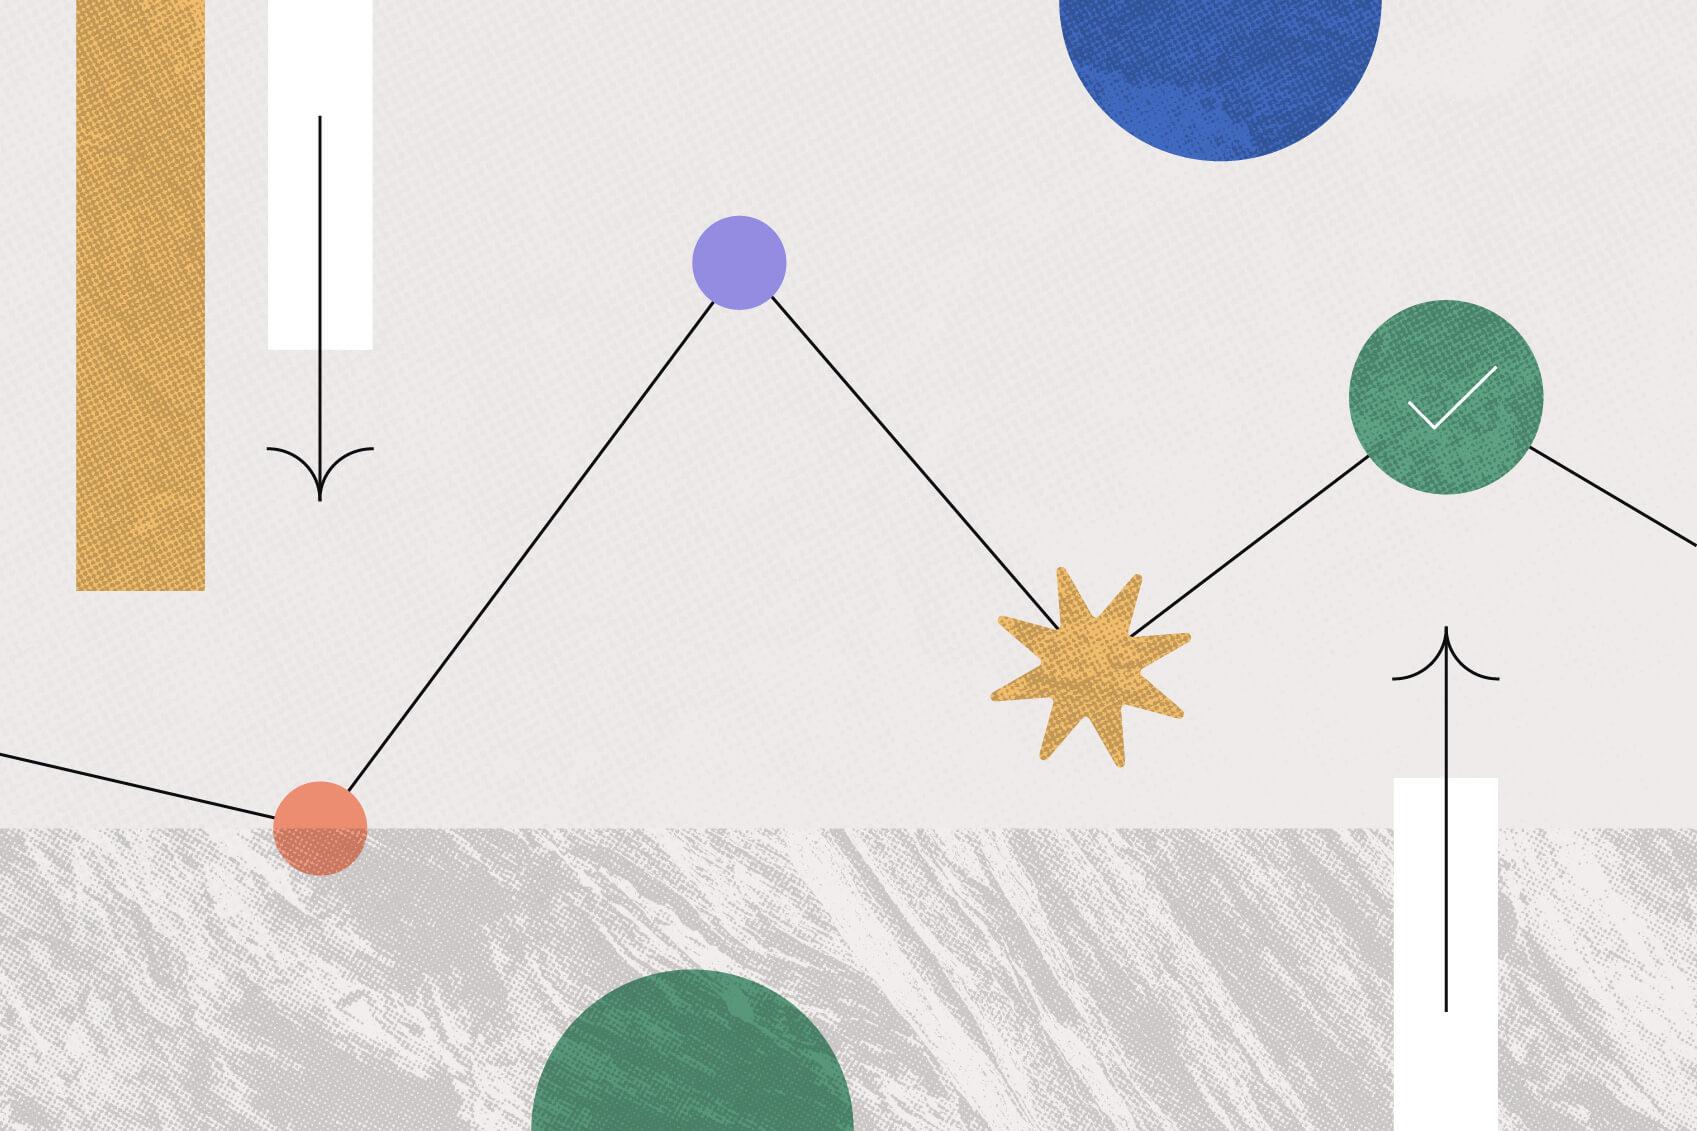 Gestion des effectifs - Image bannière de l'article